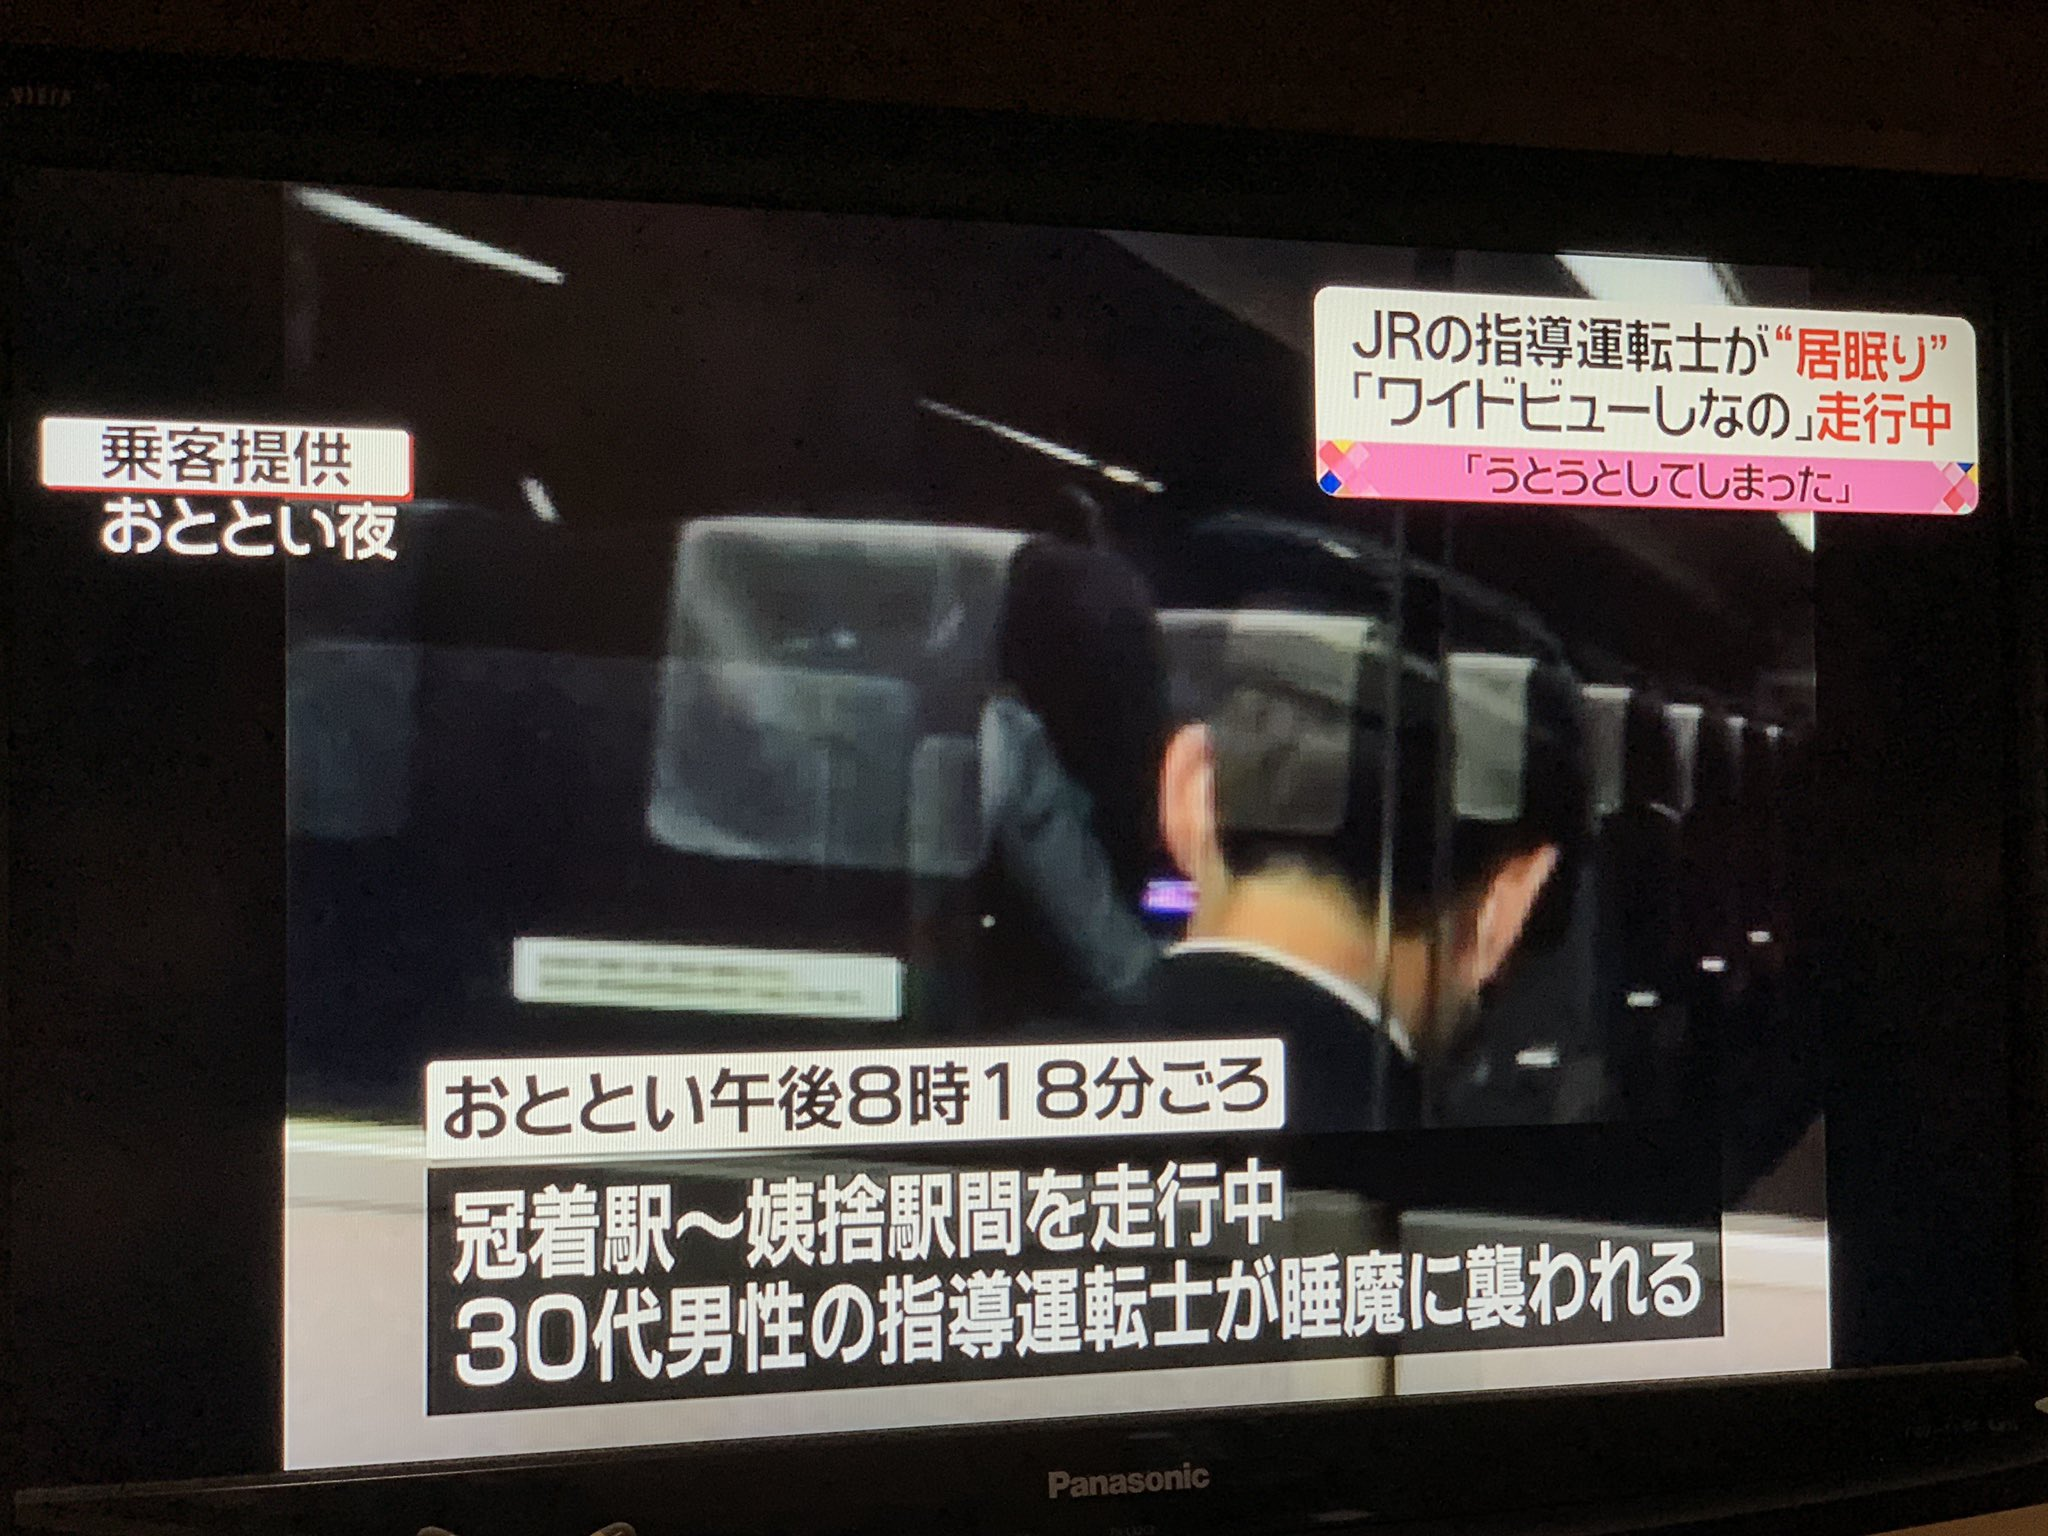 JR東日本「ワイドビューしなの」で居眠り運転 ネット上では運転士に同情する声も